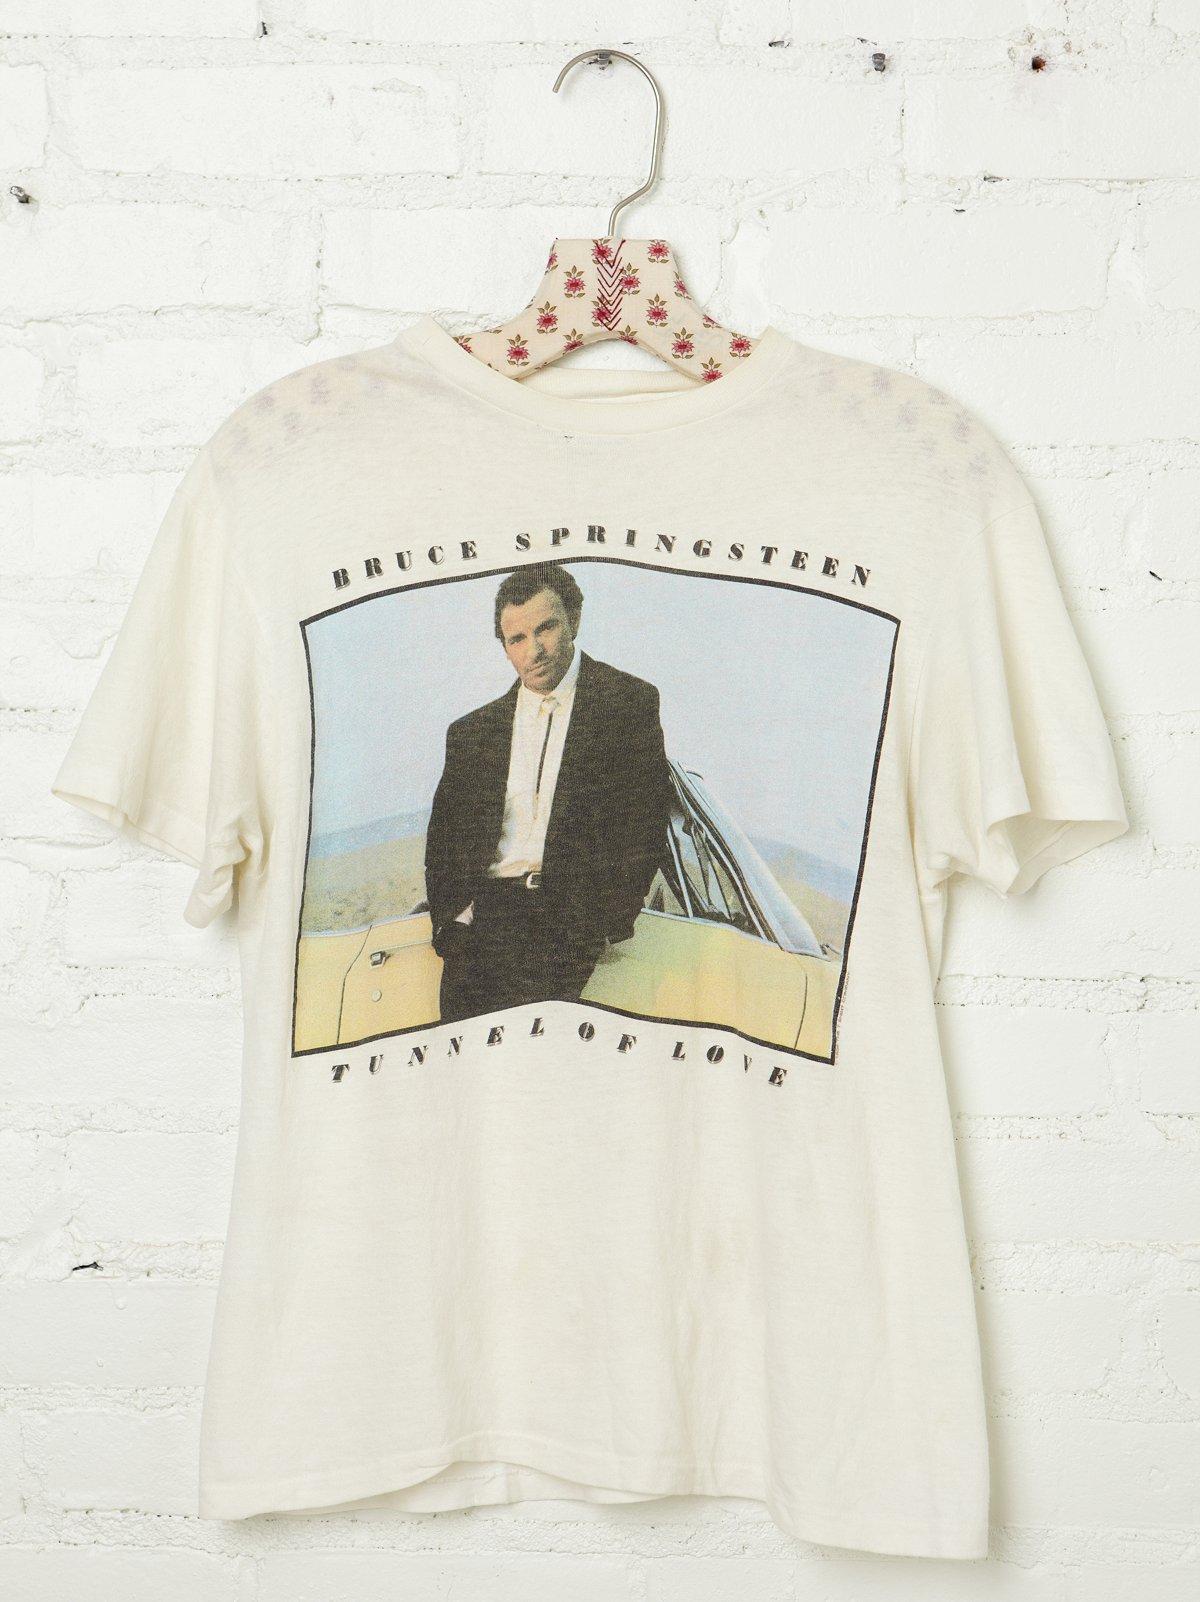 Vintage 1988 Bruce Springsteen Tee